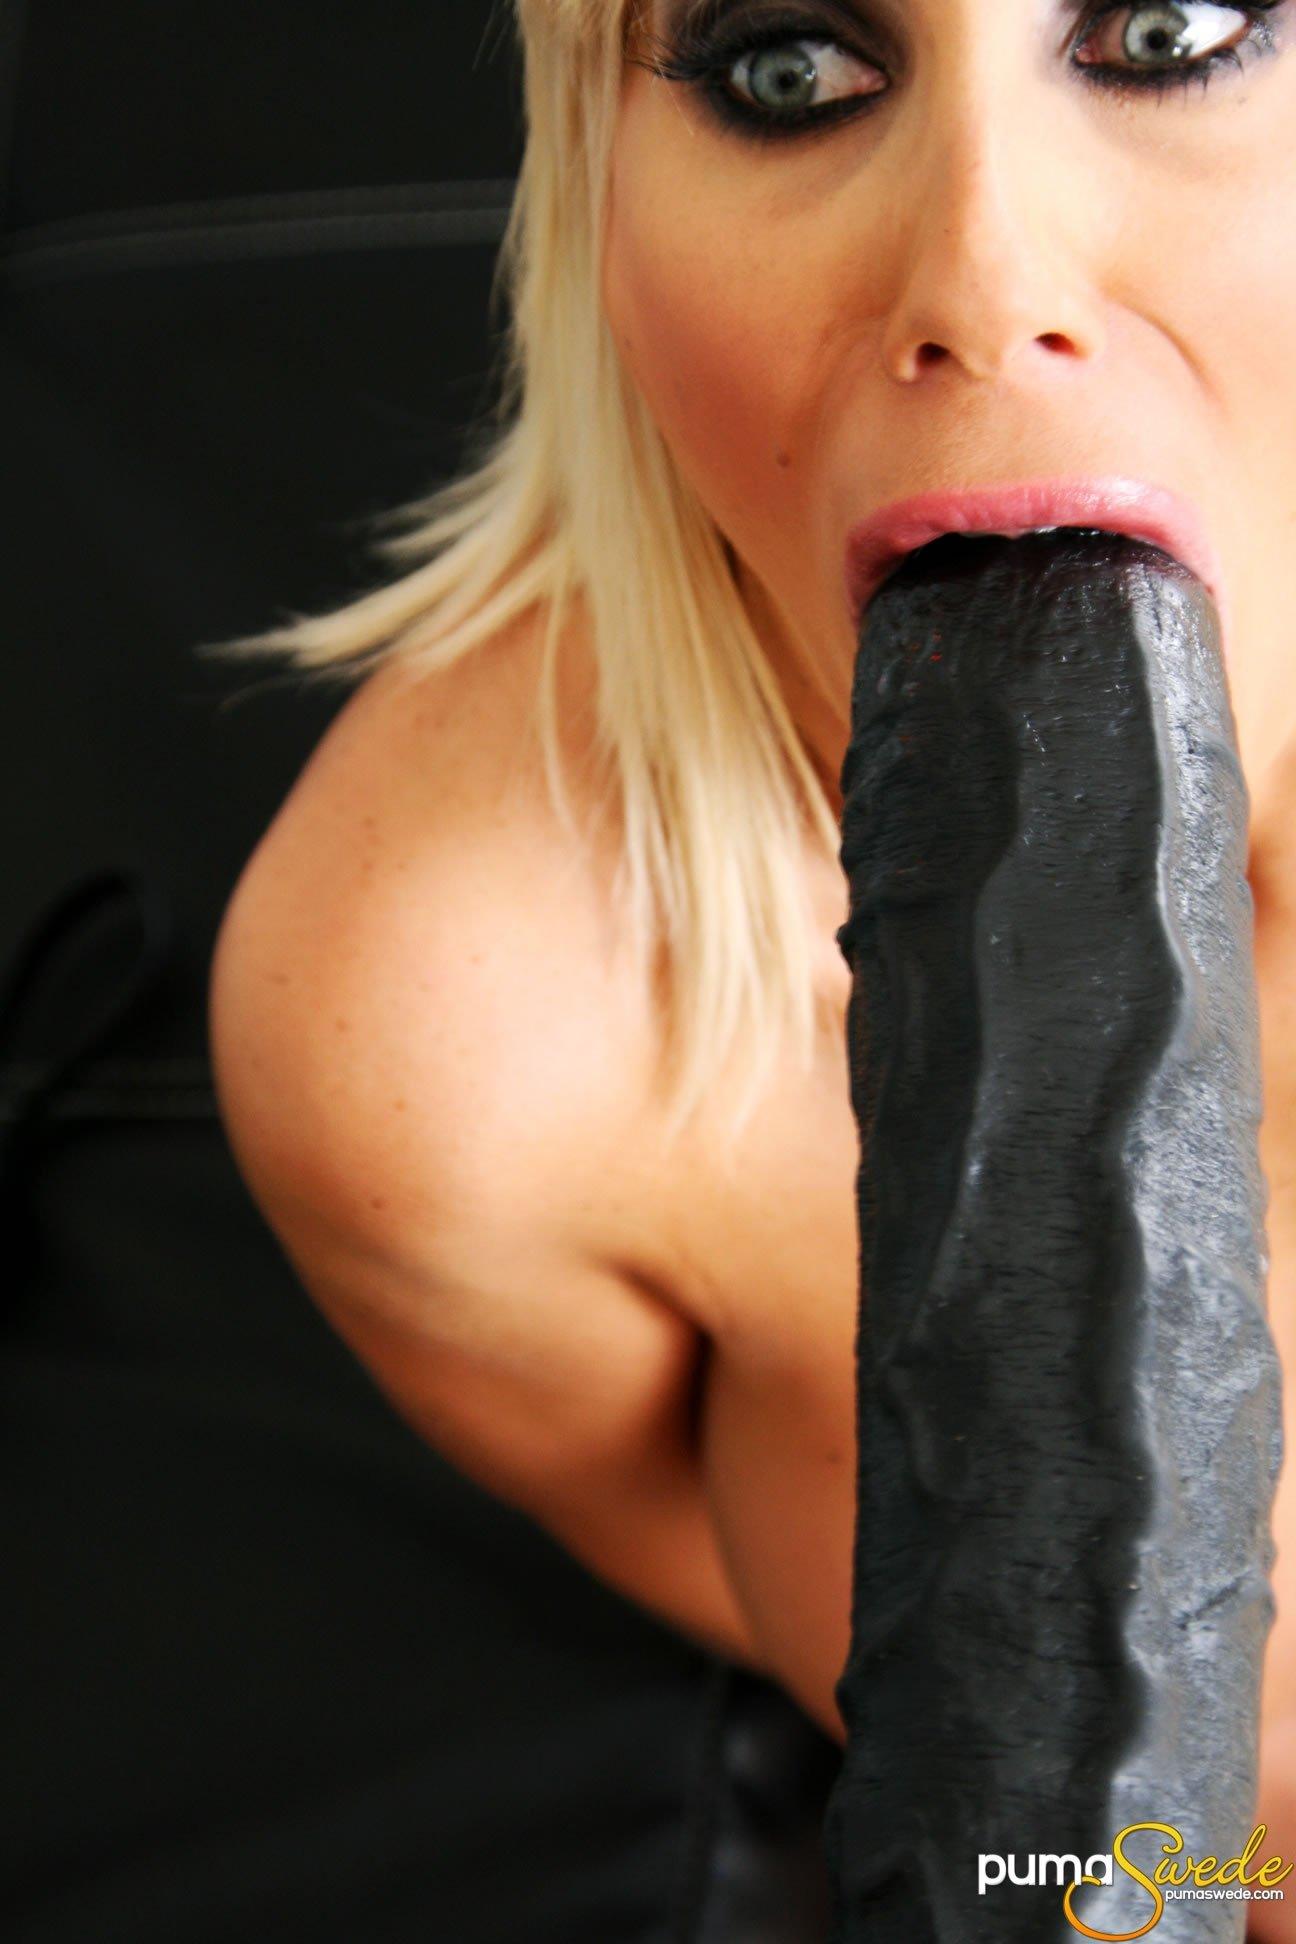 Большие секс игрушки - Фото галерея 747017